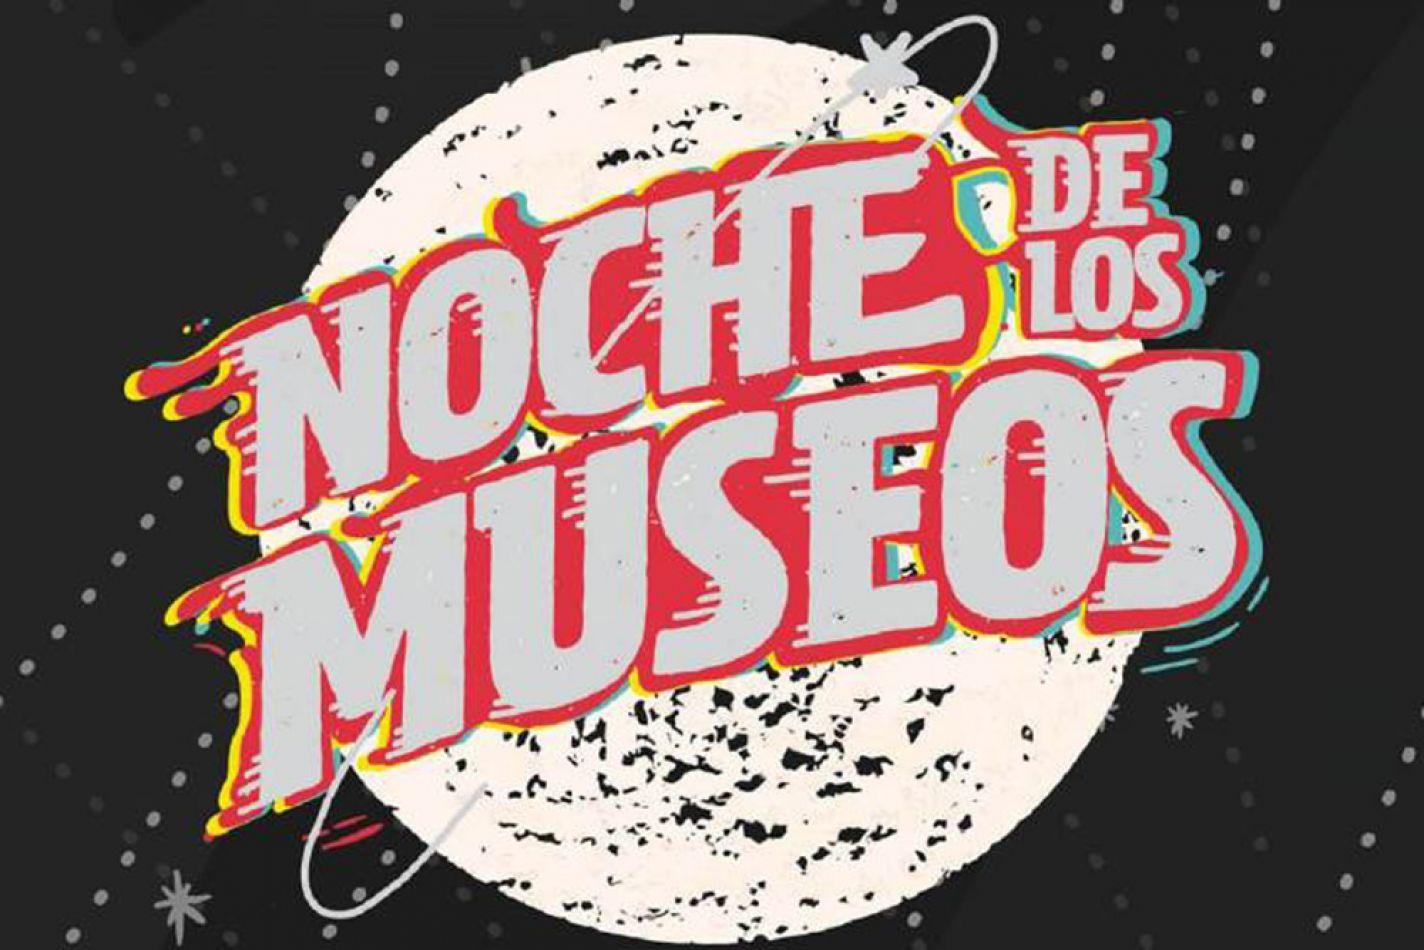 Hoy disfruta de la noche de los museos